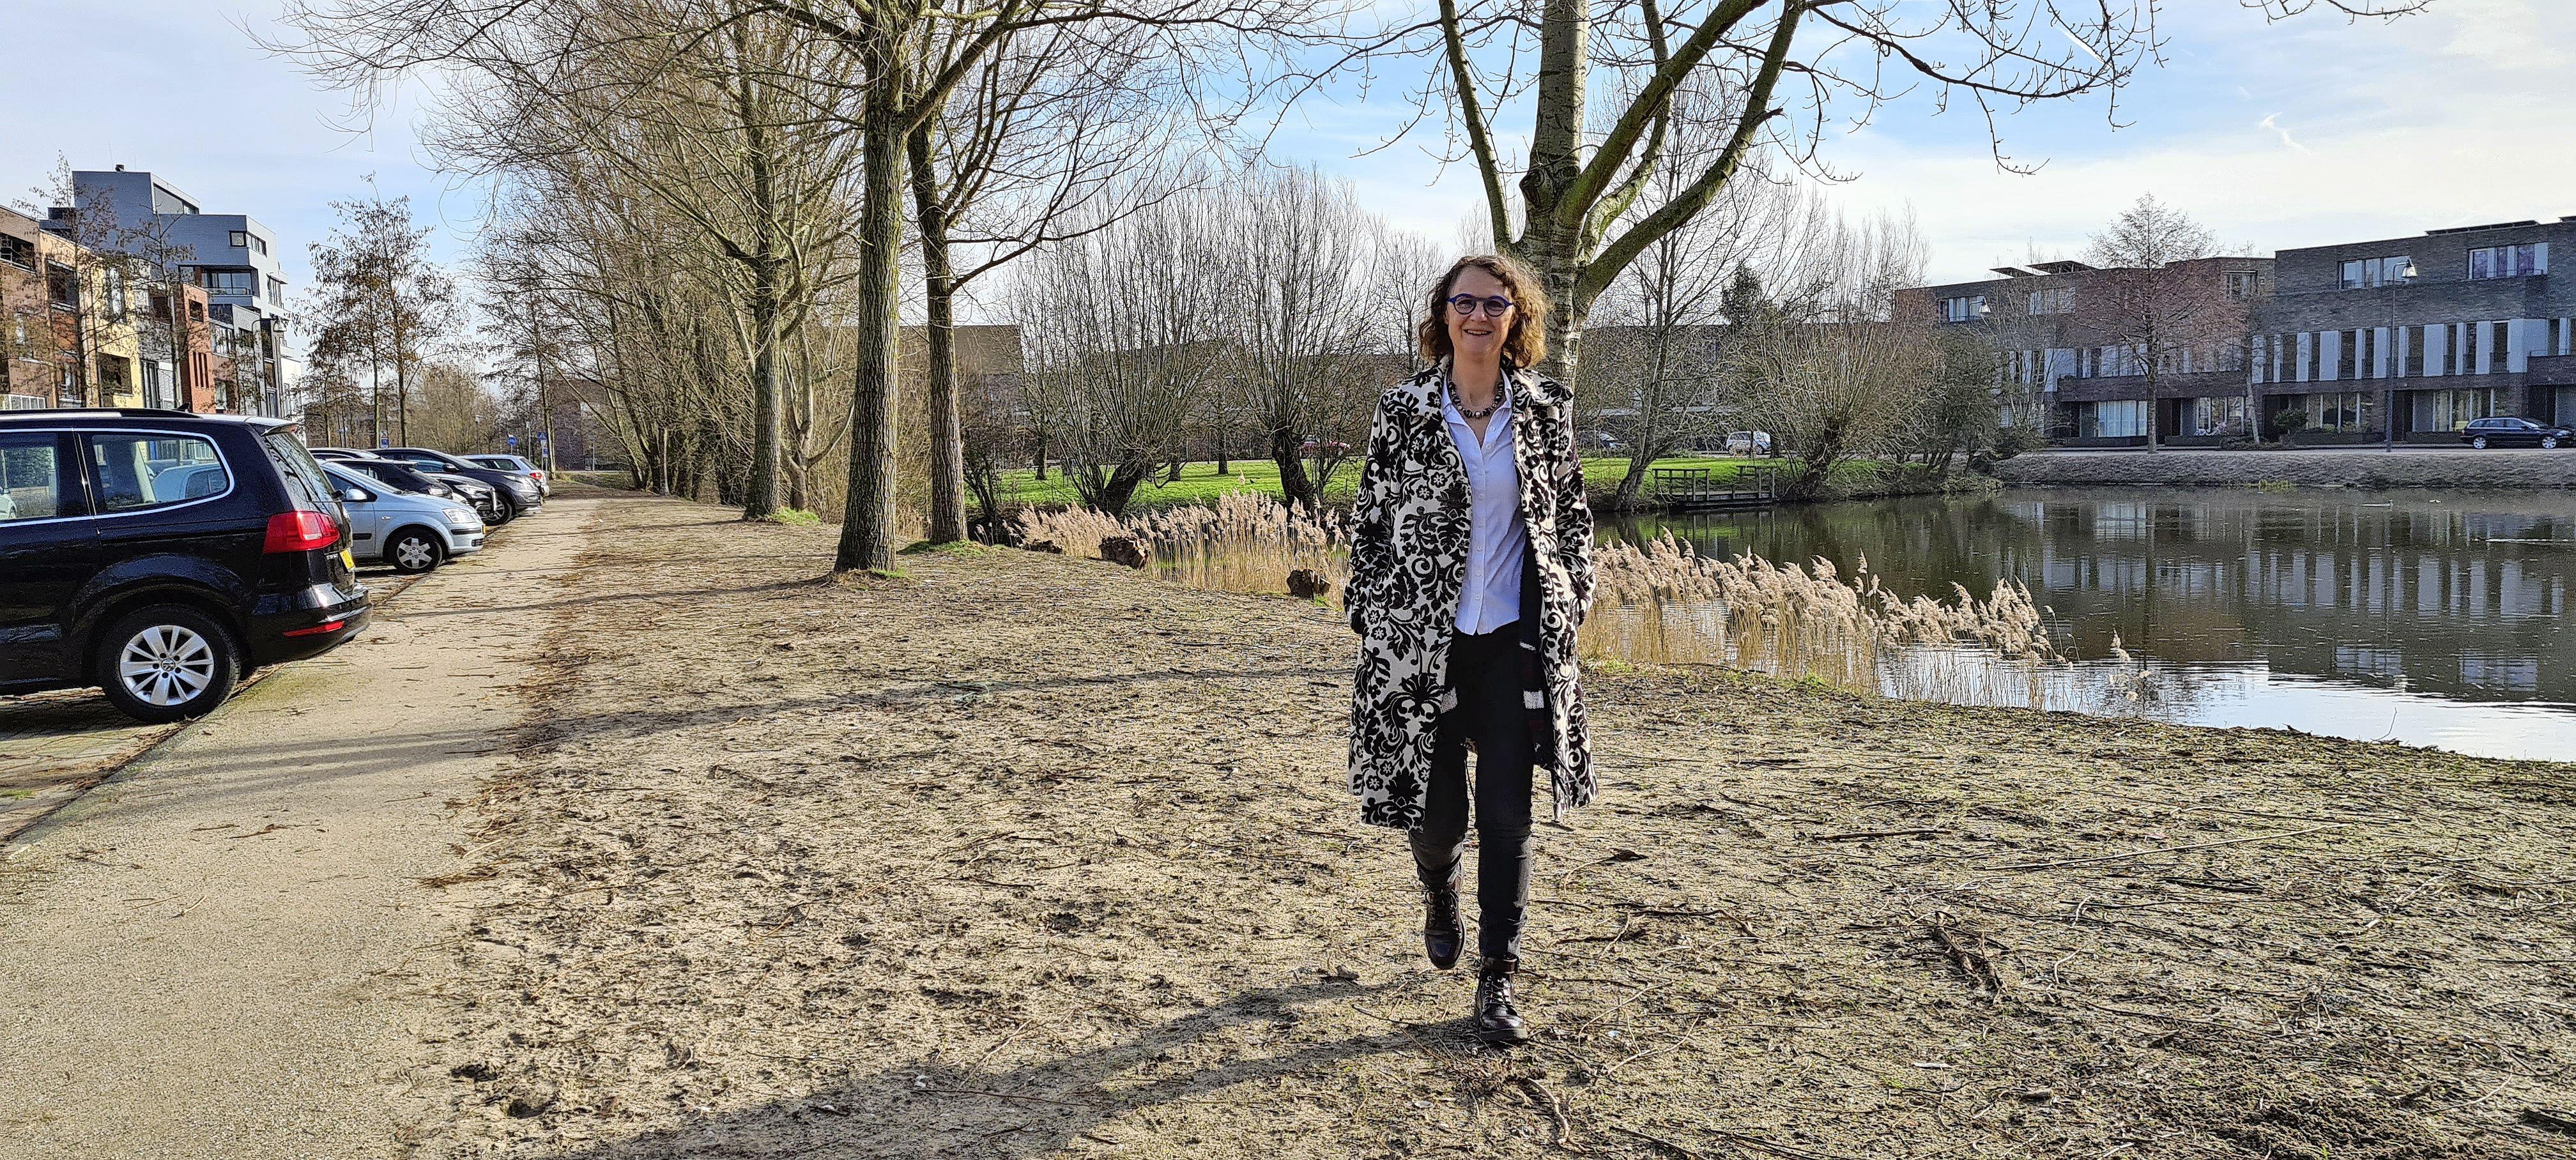 Dankzij Nelleke en haar straatgenoten is de Minervalaan een stukje groener. En dat is hard nodig in tijden van klimaatverandering